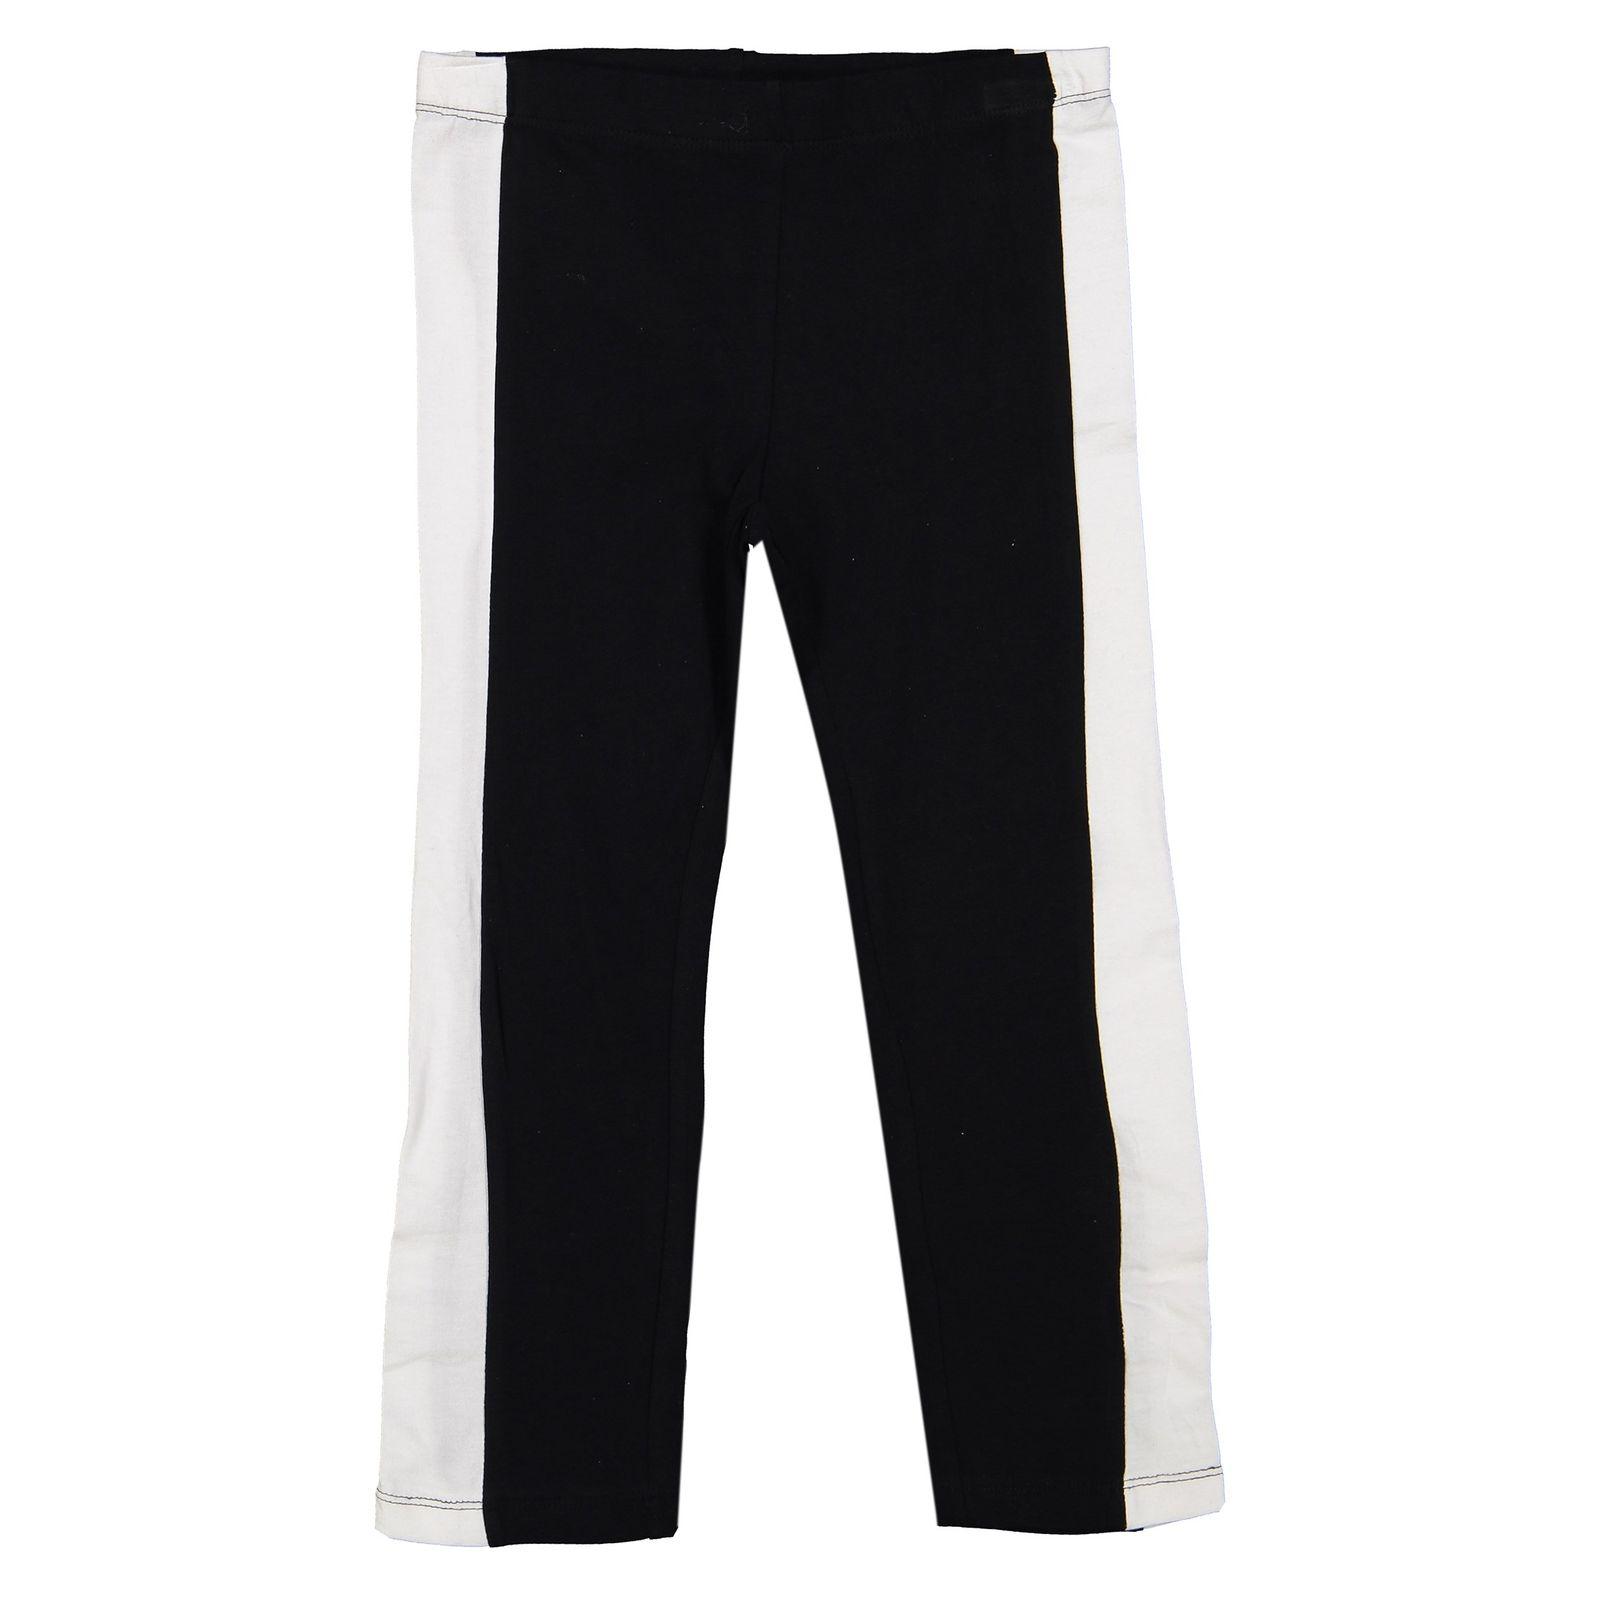 تی شرت و شلوار دخترانه - بلوکیدز - سفيد/مشکي - 5